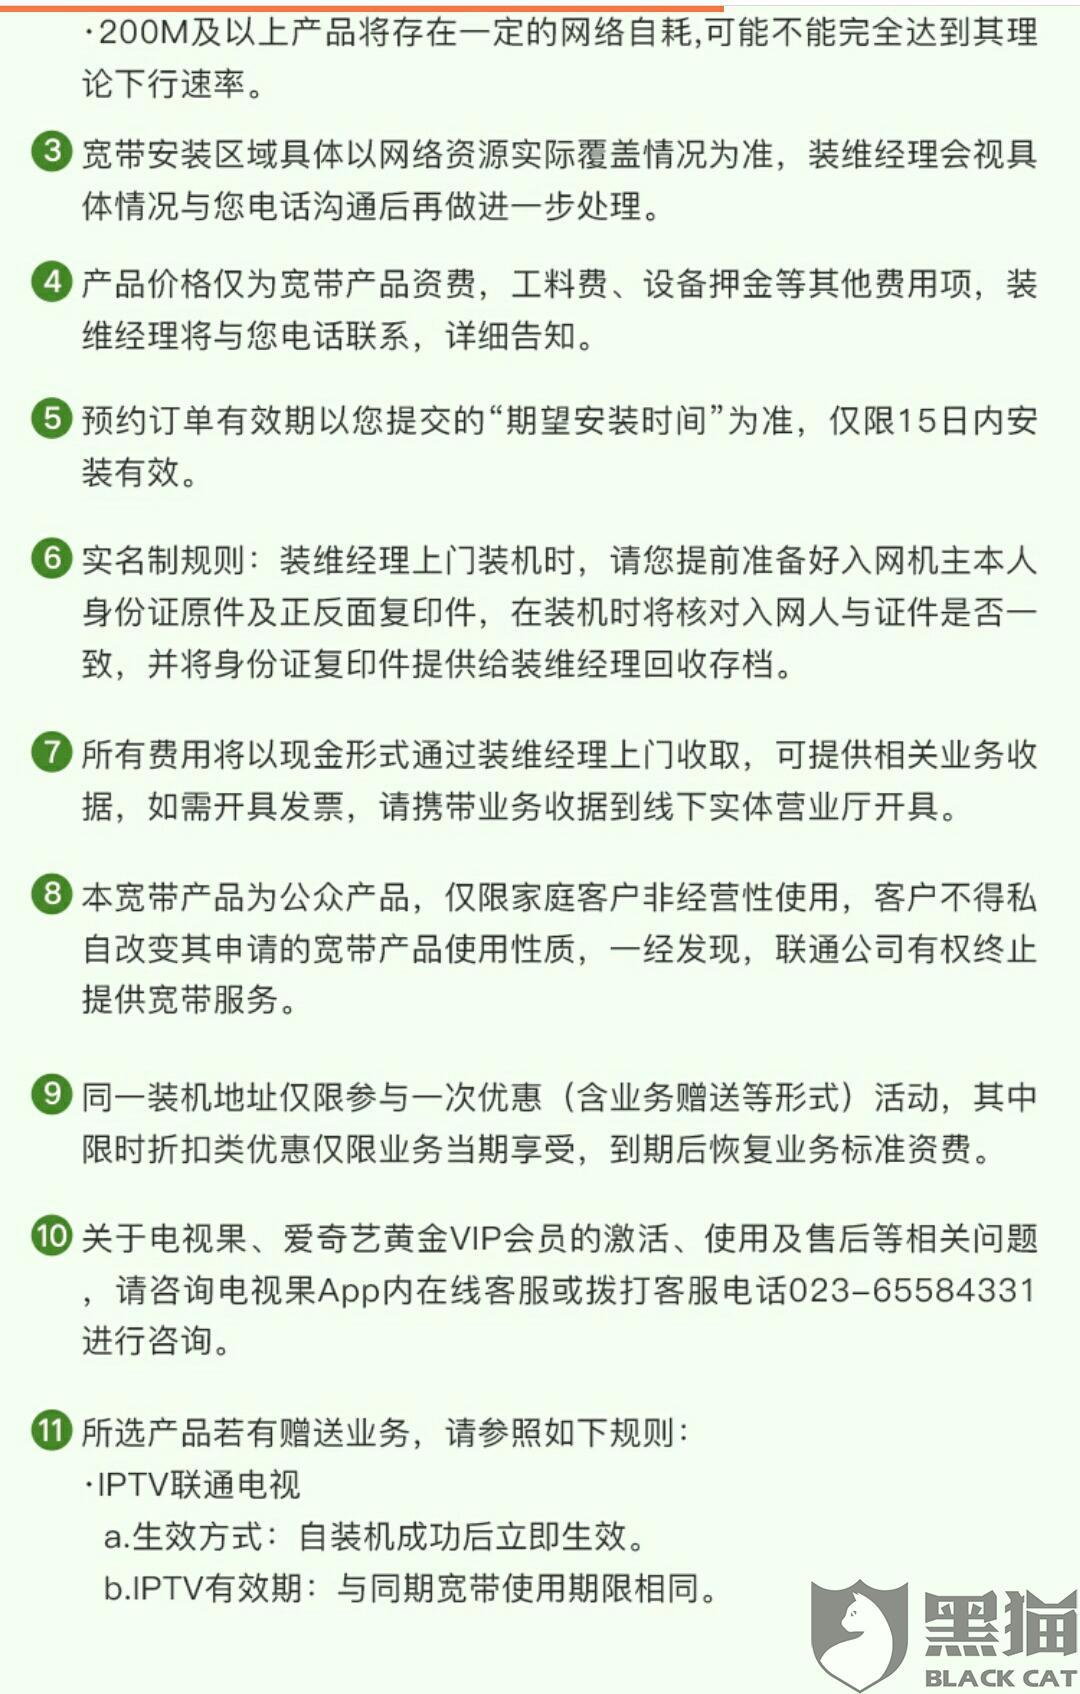 黑猫投诉:投诉朝阳联通垄断乱扣费不处理